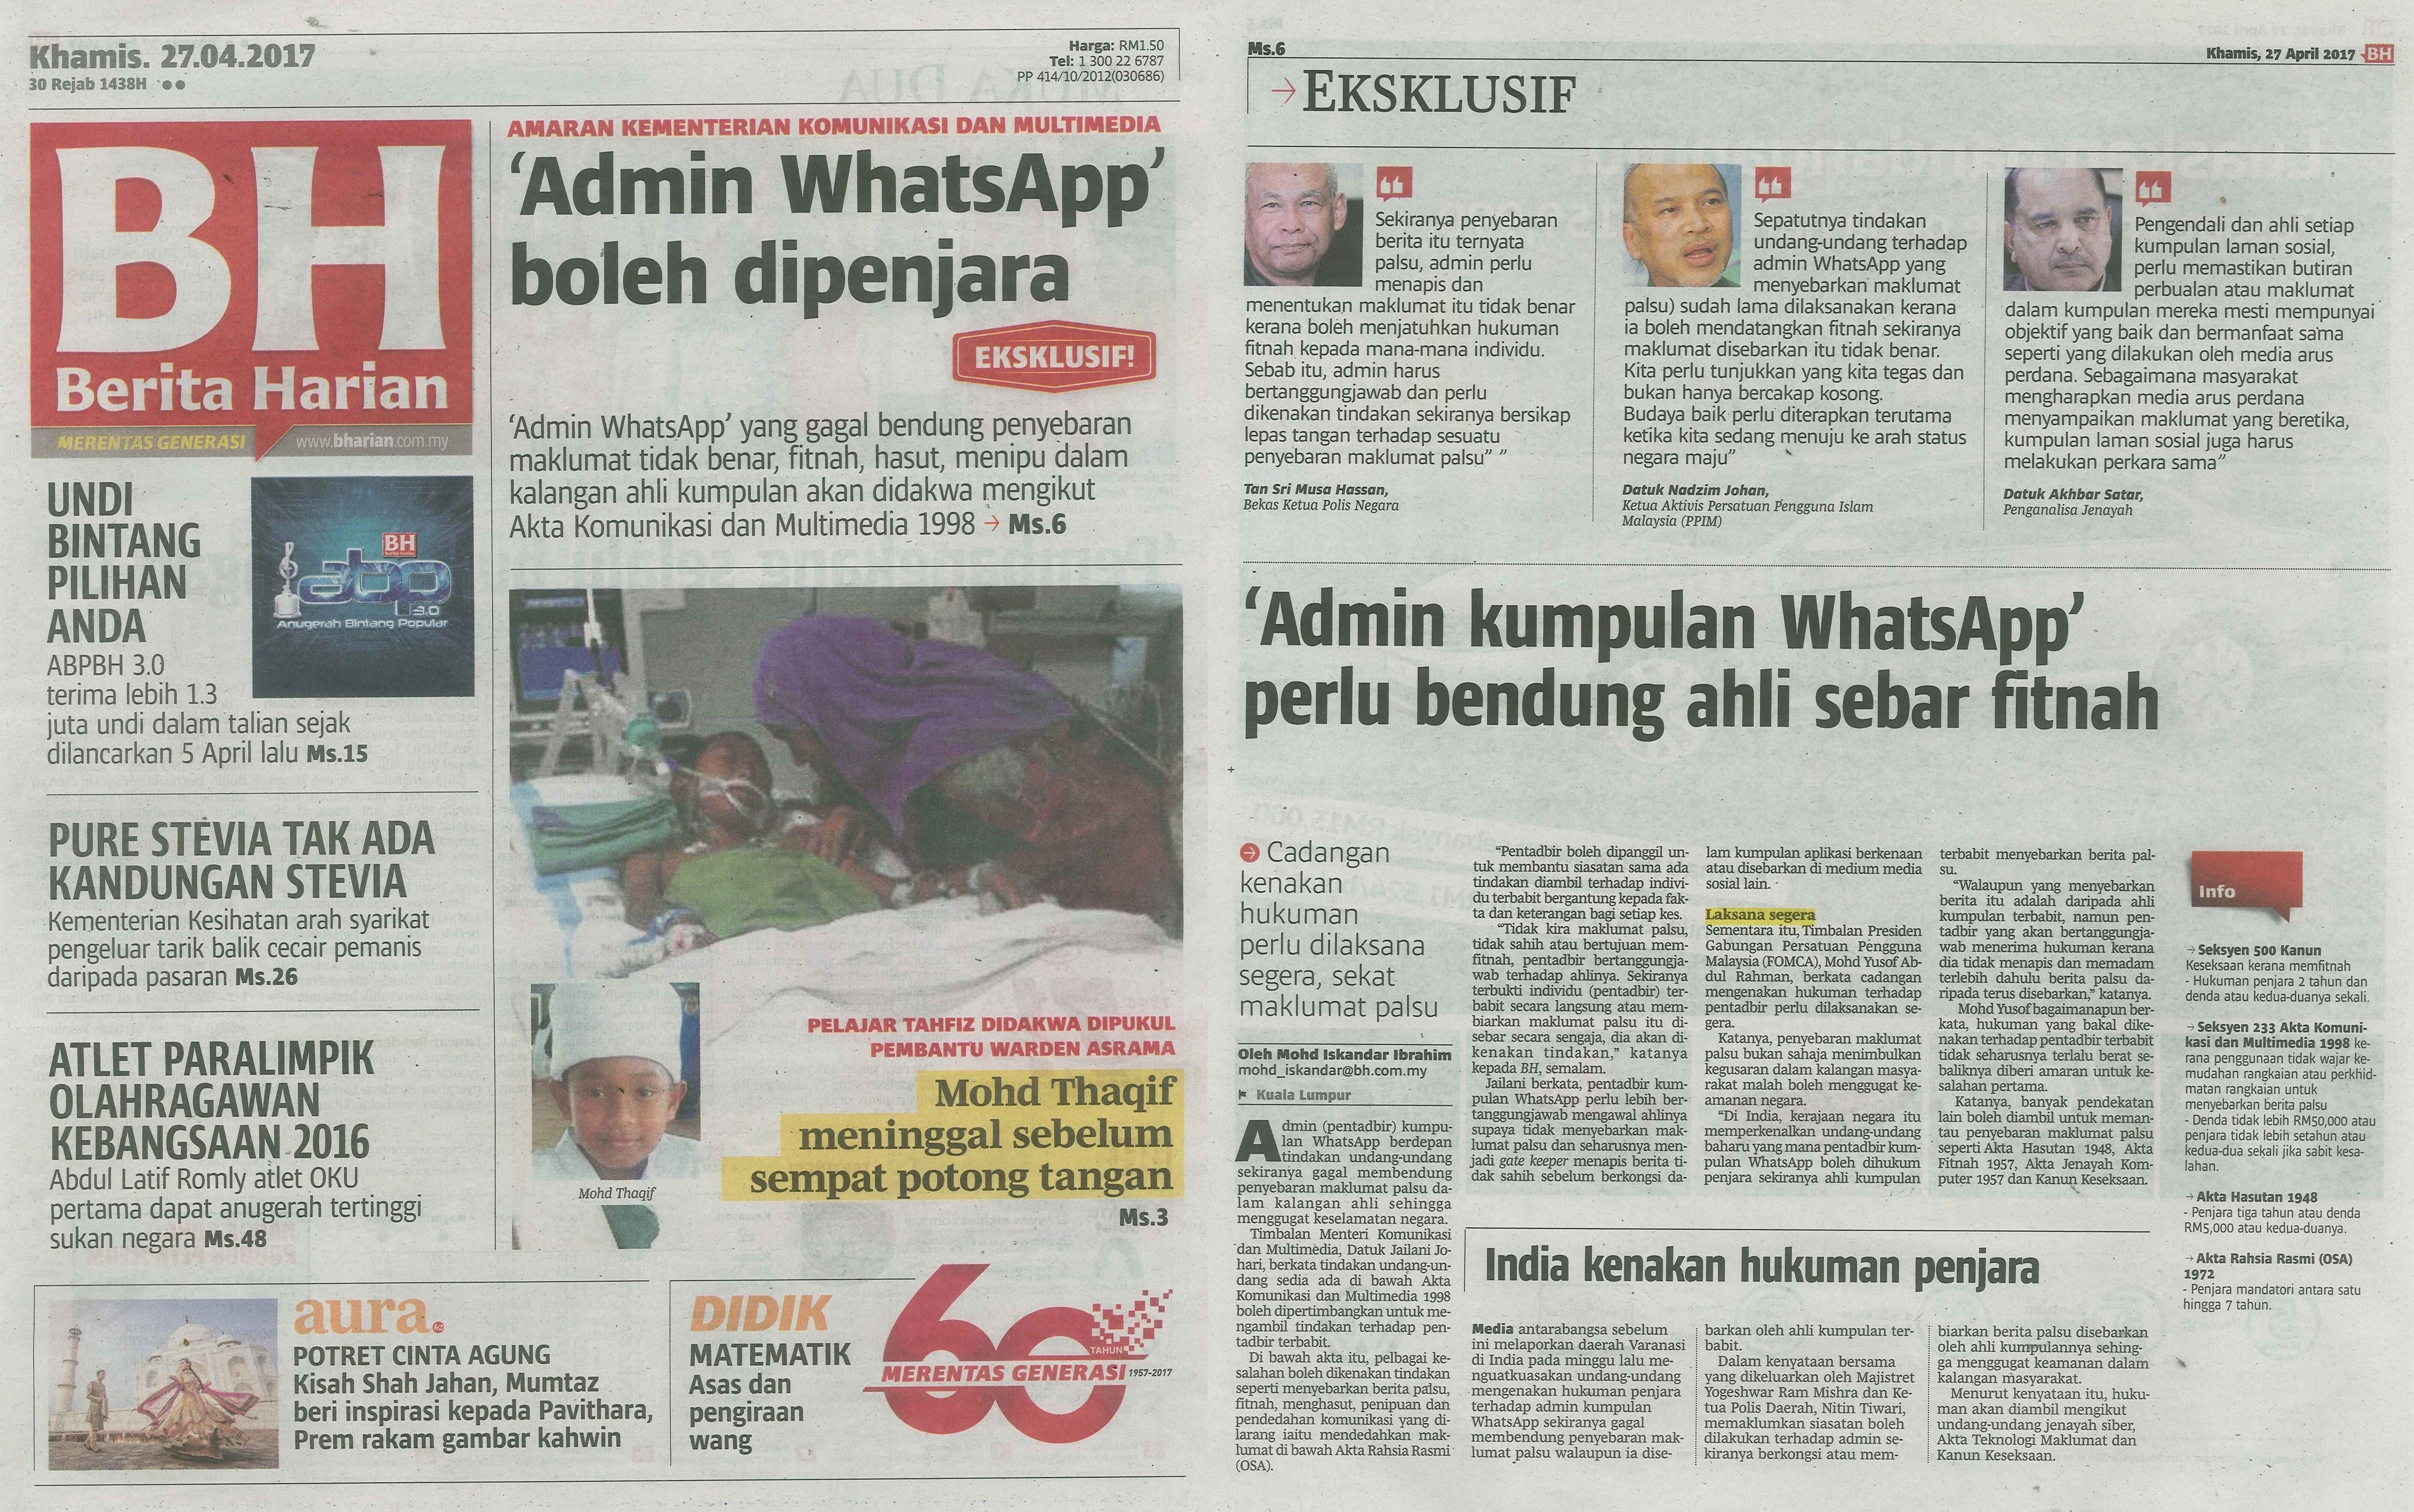 berita harian 27.4.2017 new